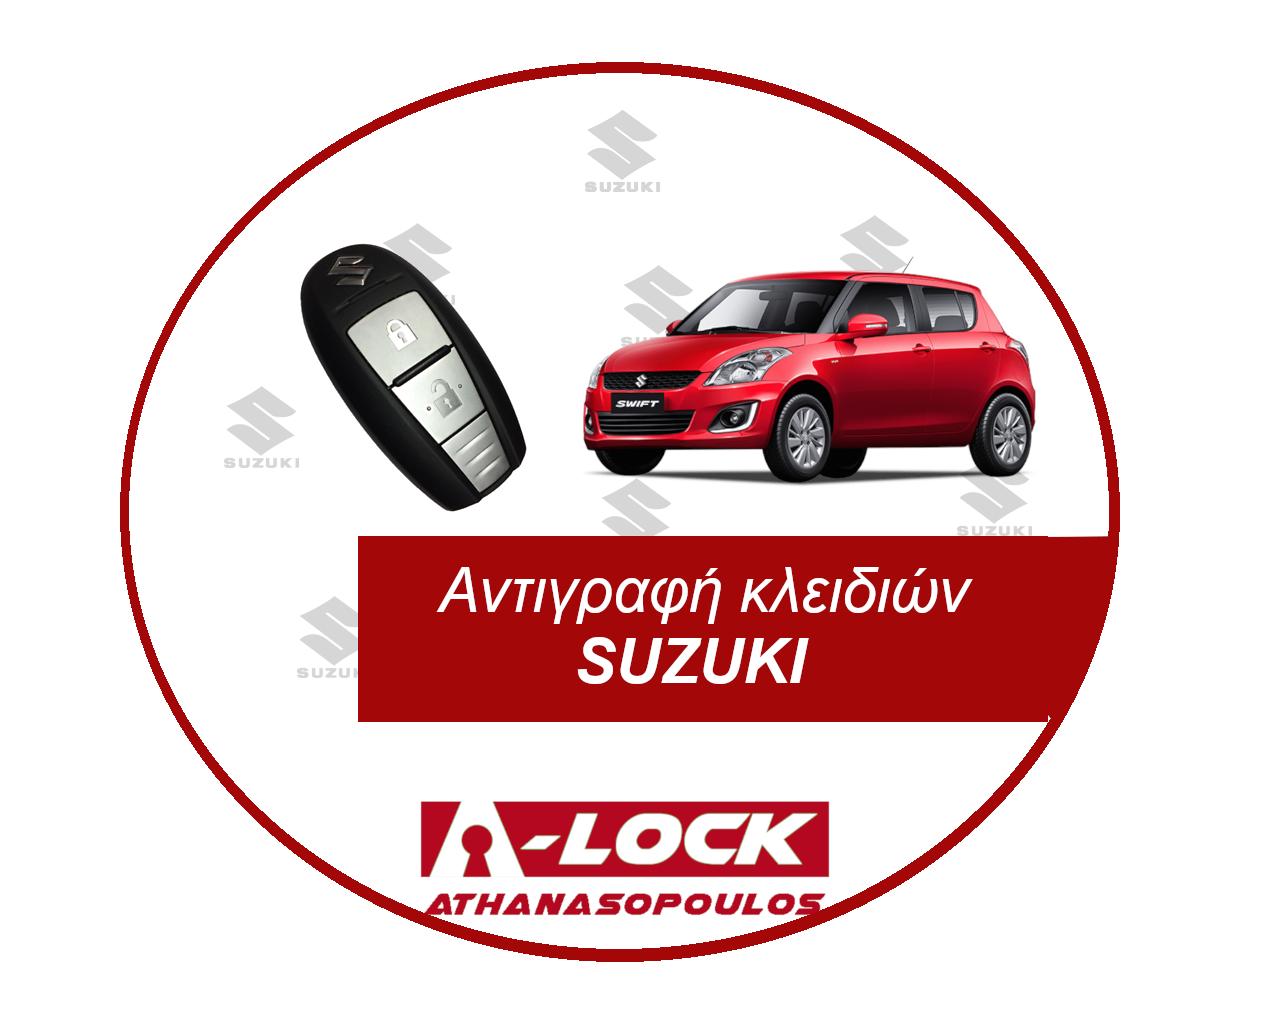 Αντιγραφές Κλειδιών Immobilizer Αυτοκινήτου SUZUKI - 24 Ωρες Κλειδαράς Γαλάτσι A-Lock Αθανασόπουλος